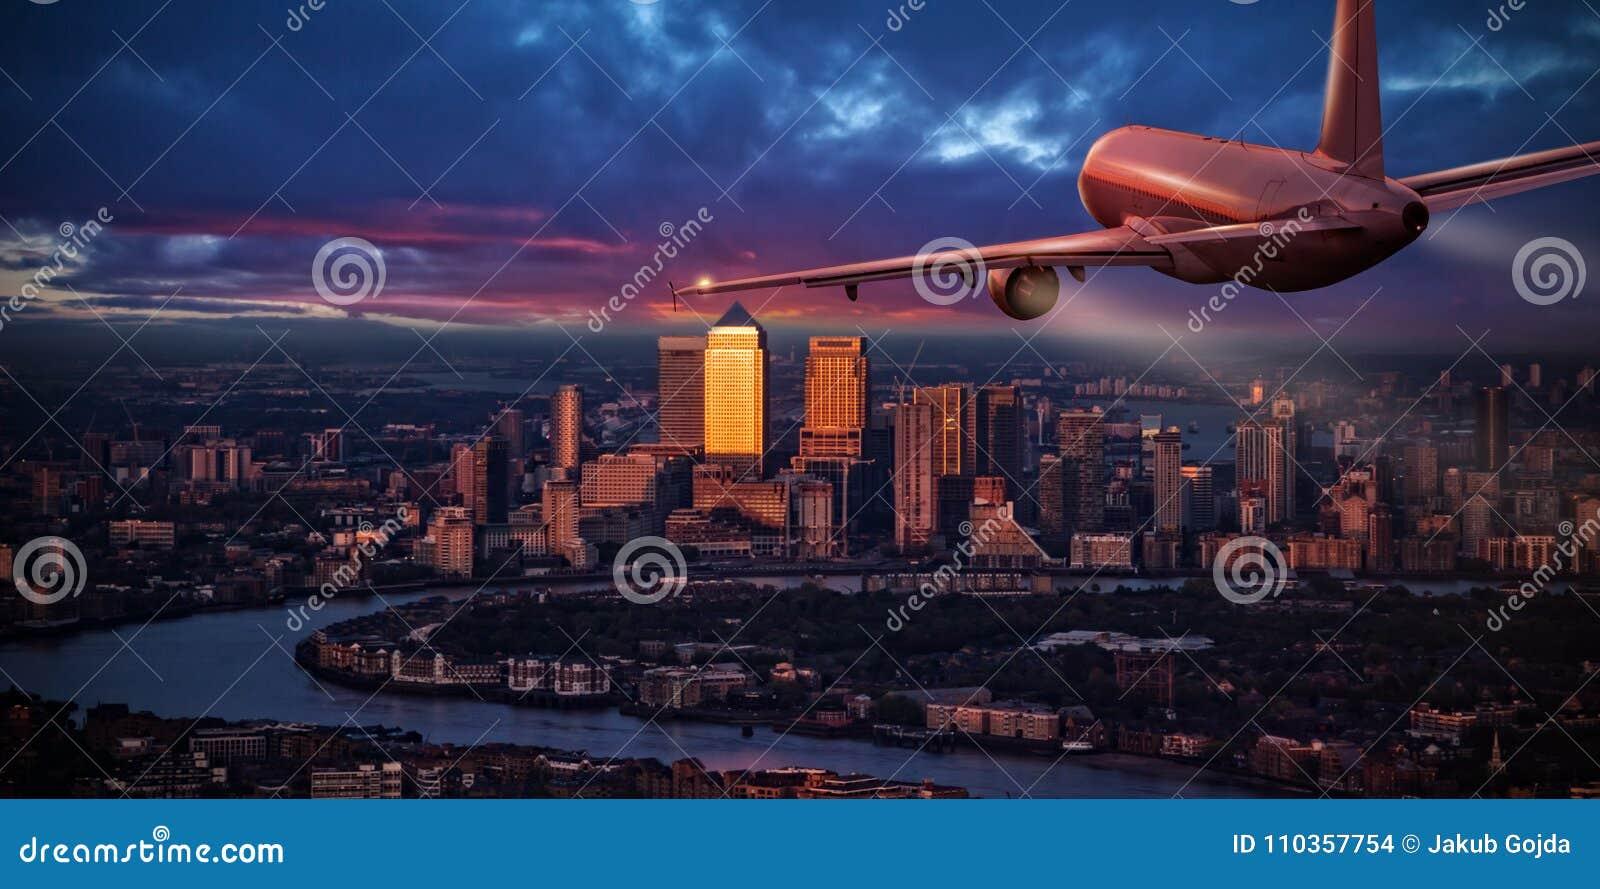 飞机在伦敦上商业区的喷气式飞机飞行